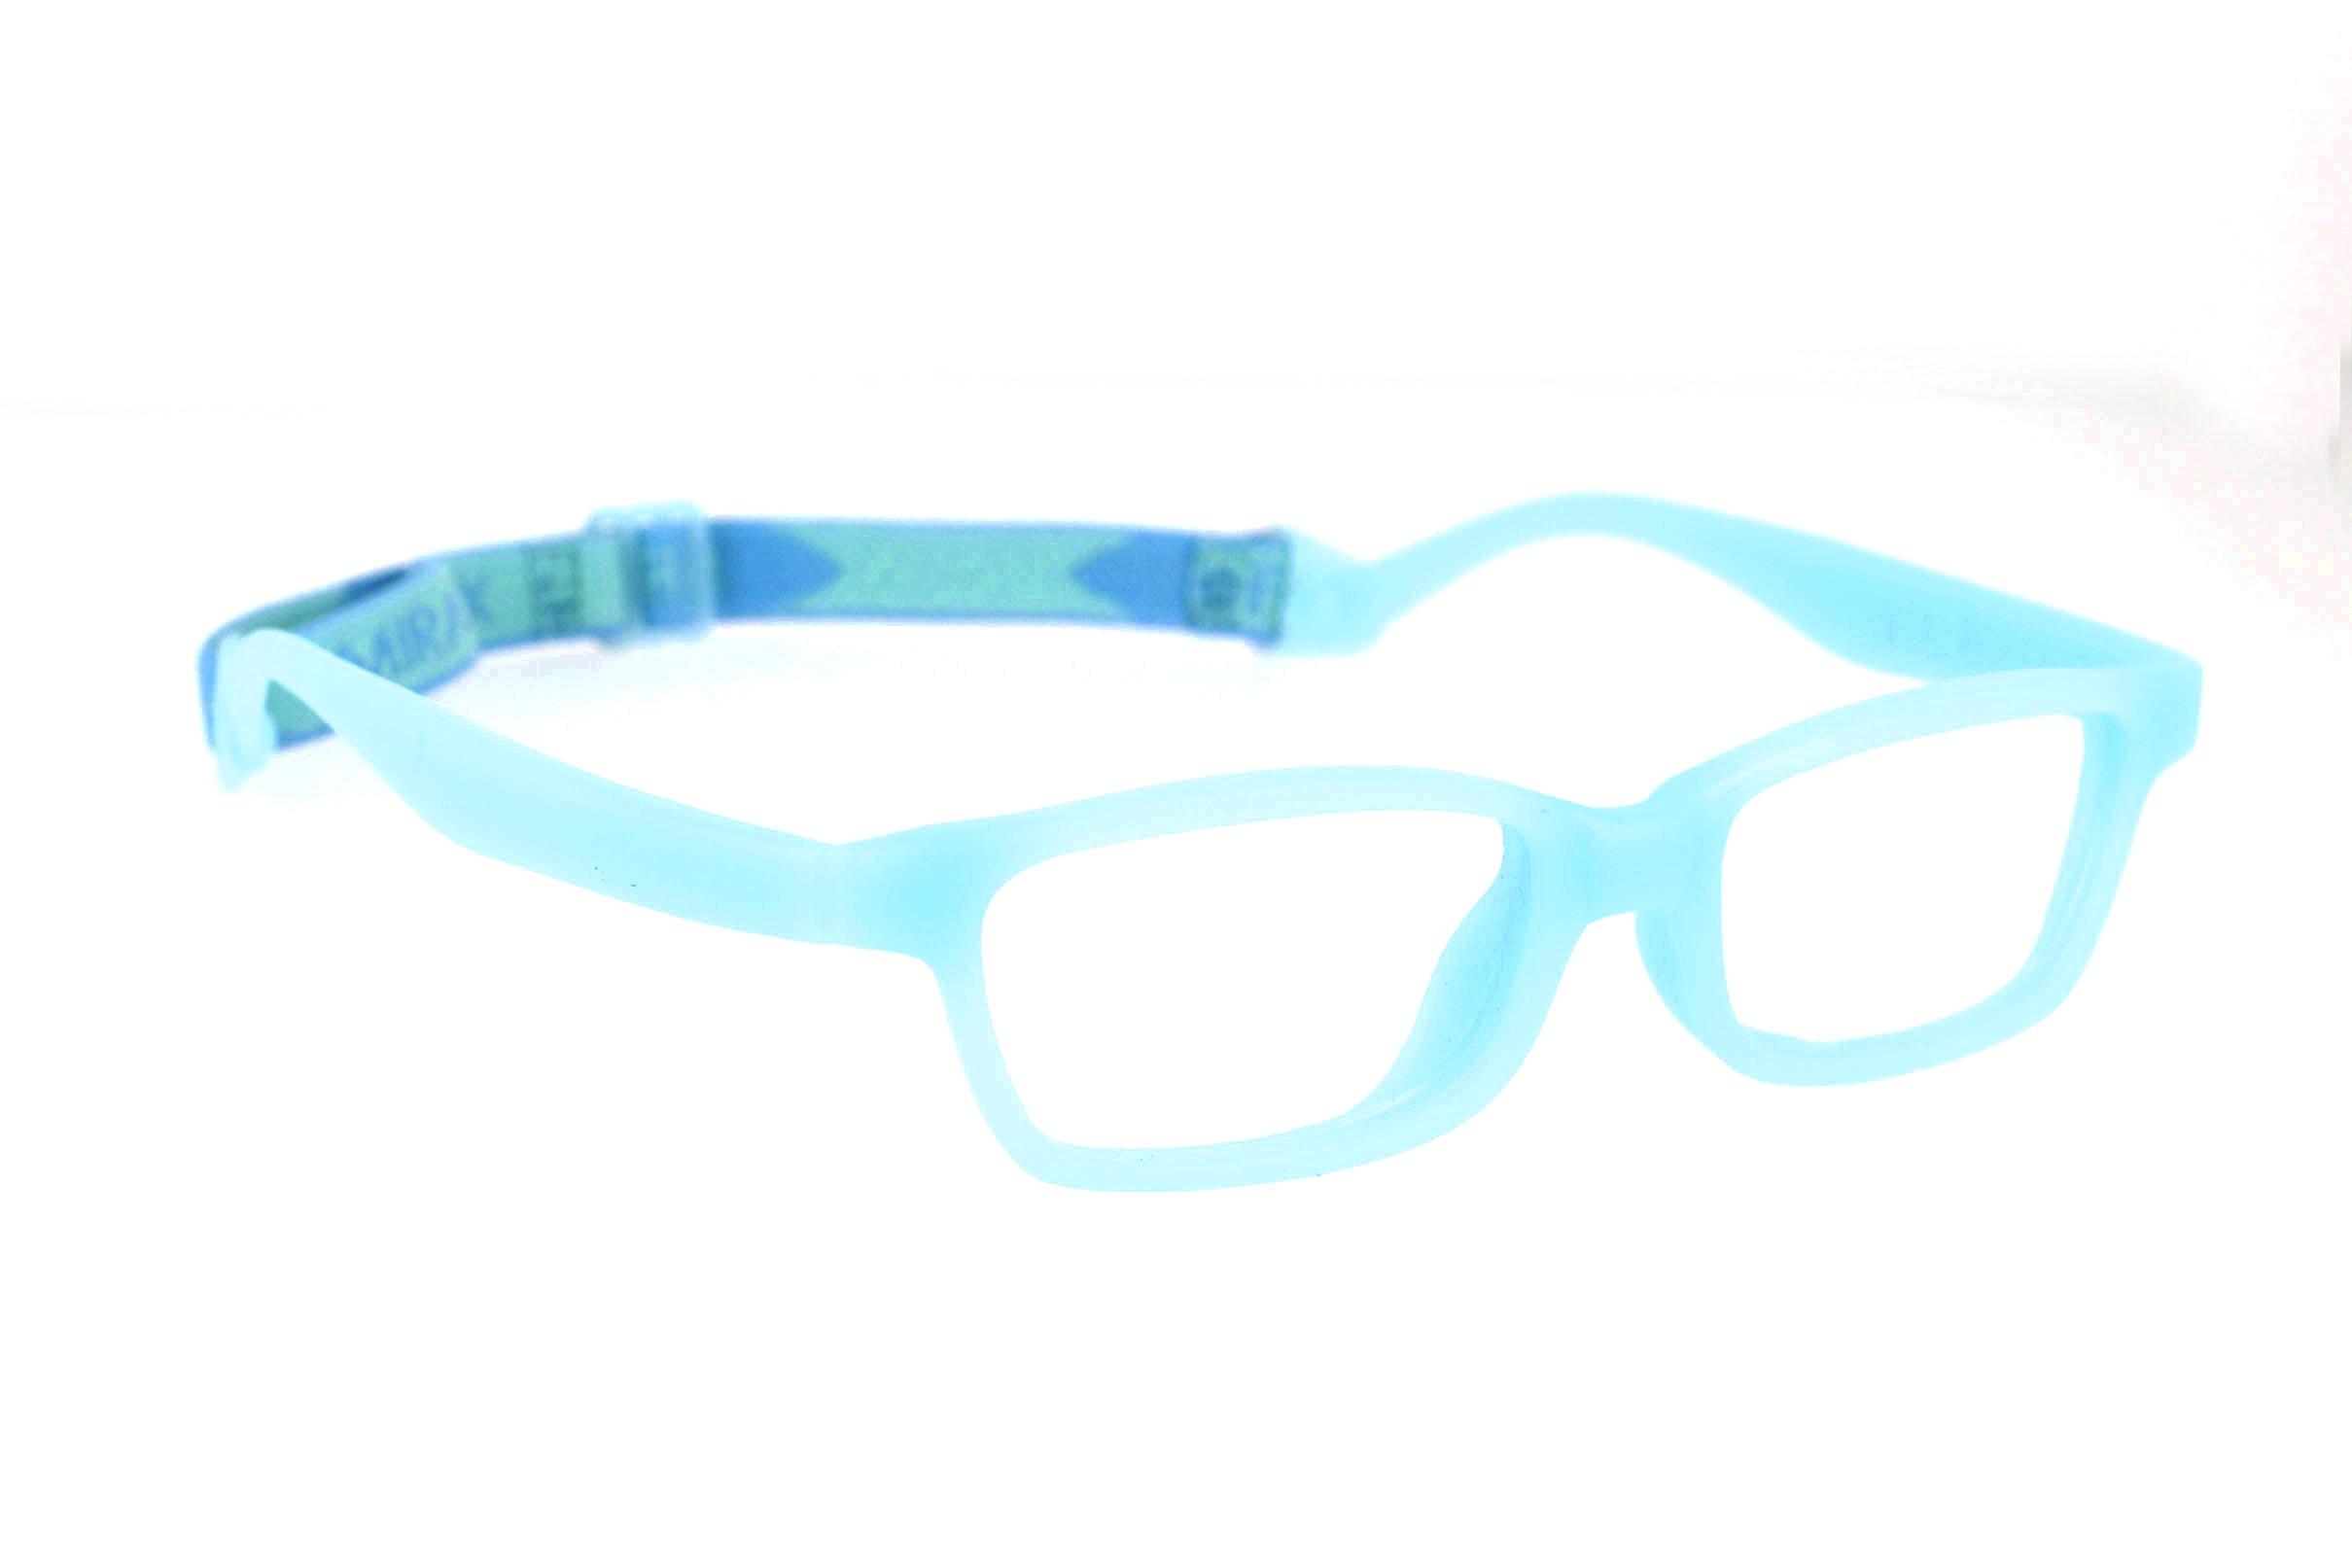 076170af1b5 Miraflex Mayan 39 Eyeglasses Clear Blue-EC Mayan 39-EC - Optiwow